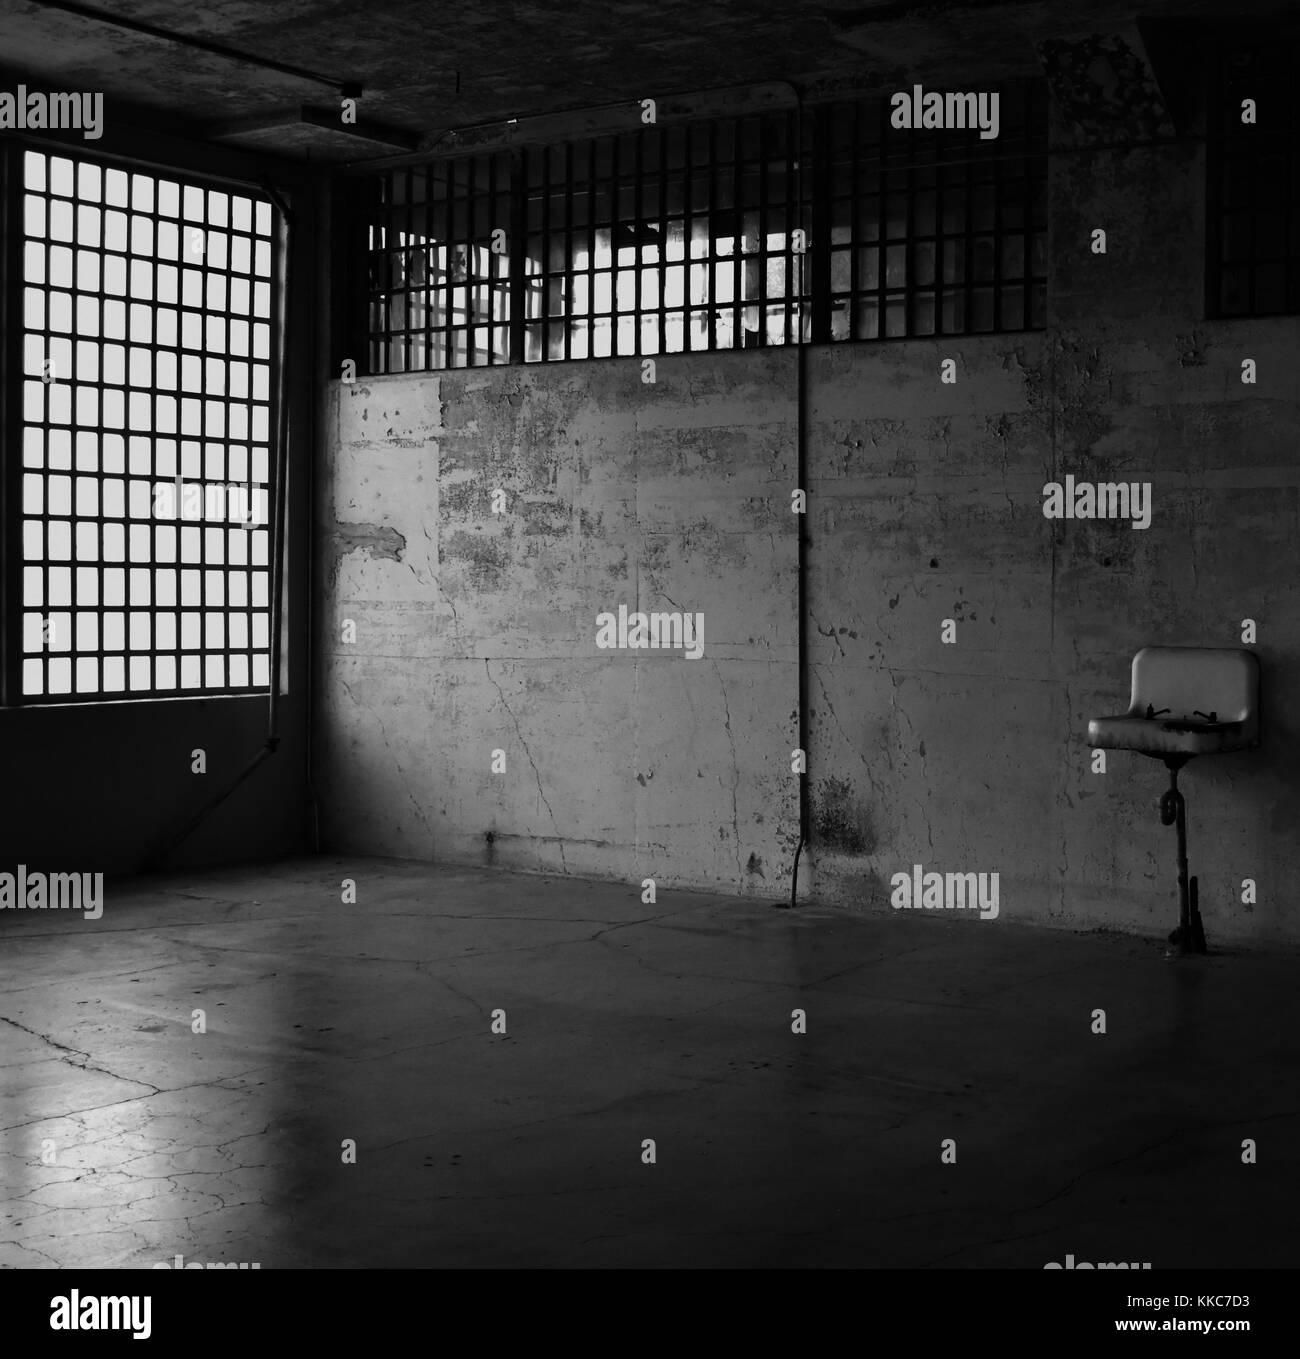 Room in Alcatraz Prison - Stock Image